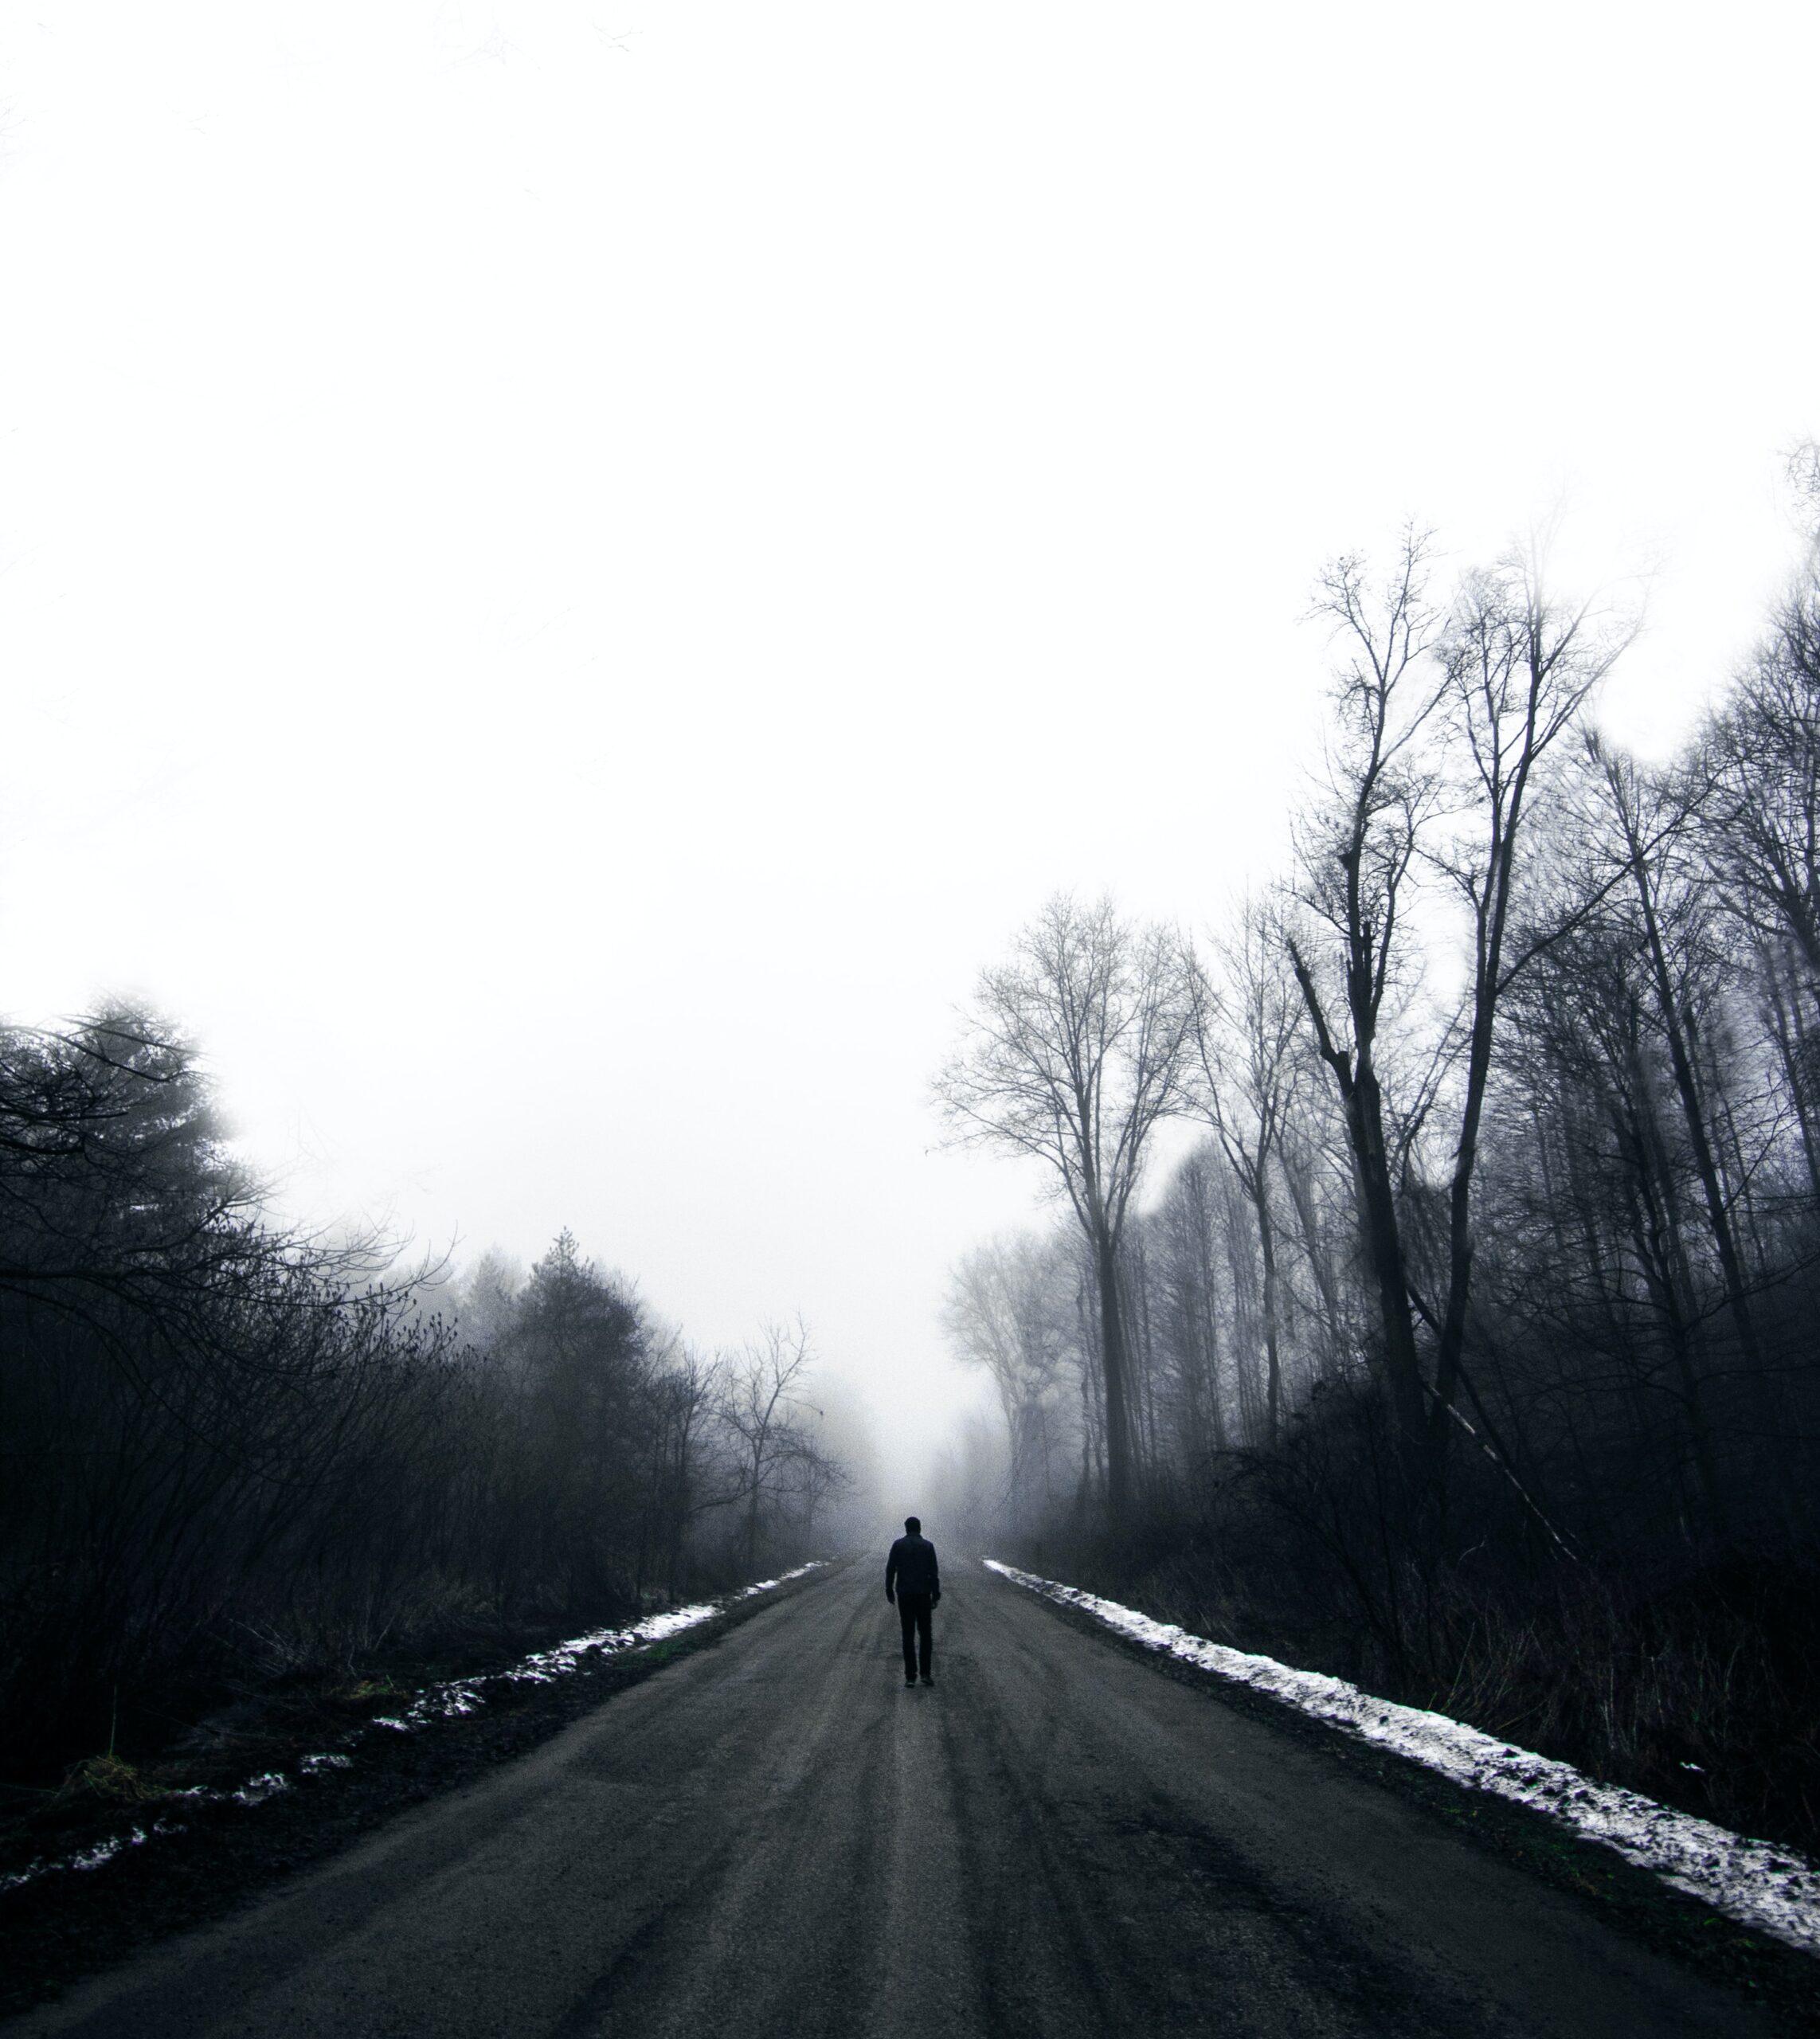 Žmogus eina keliu.